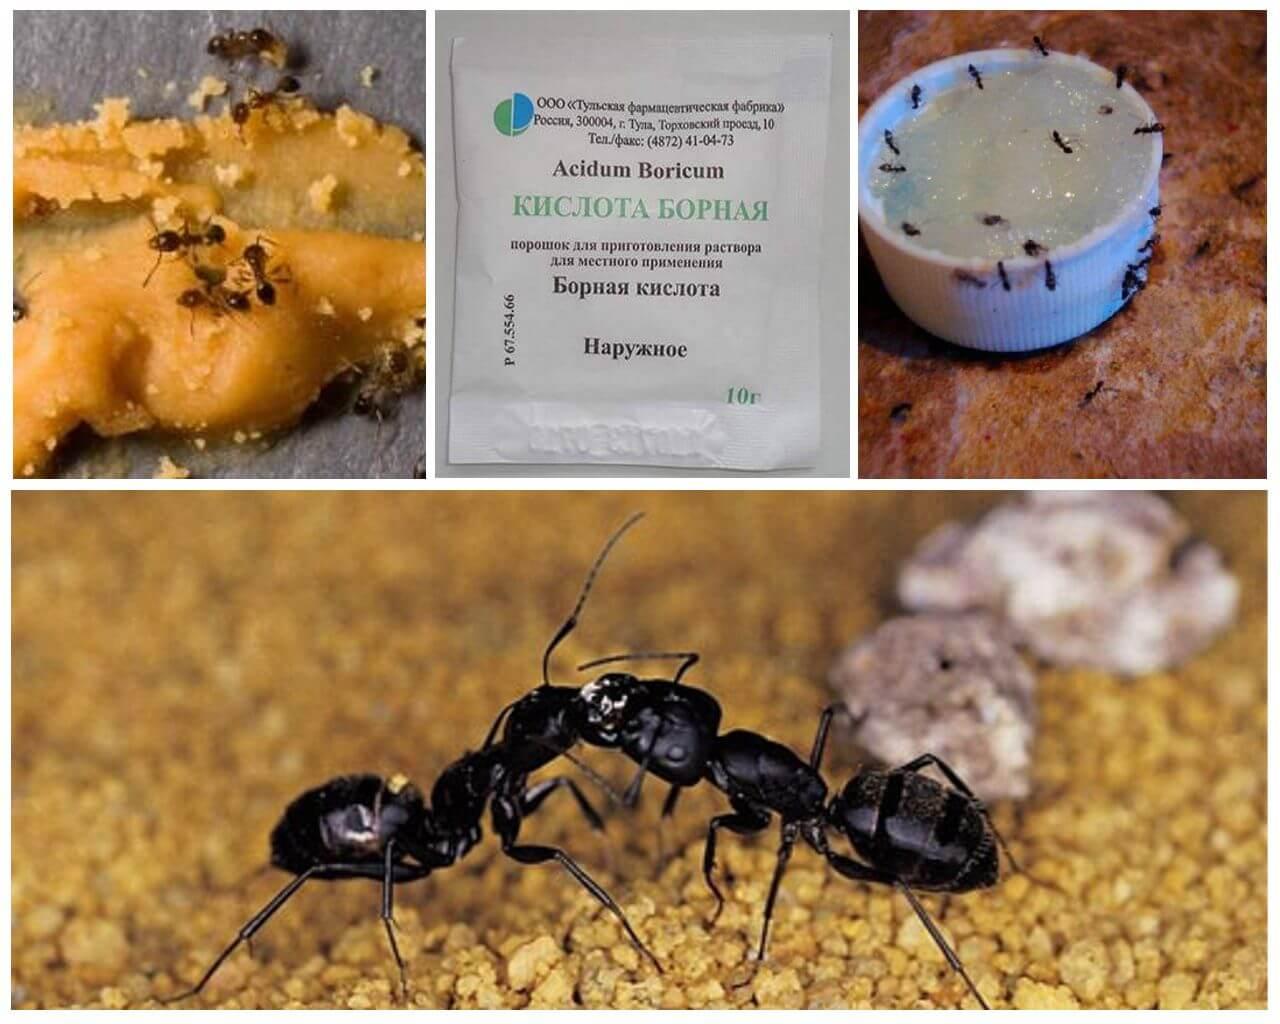 Борная кислота от муравьев в квартире: рецепт, как избавится, эффективность